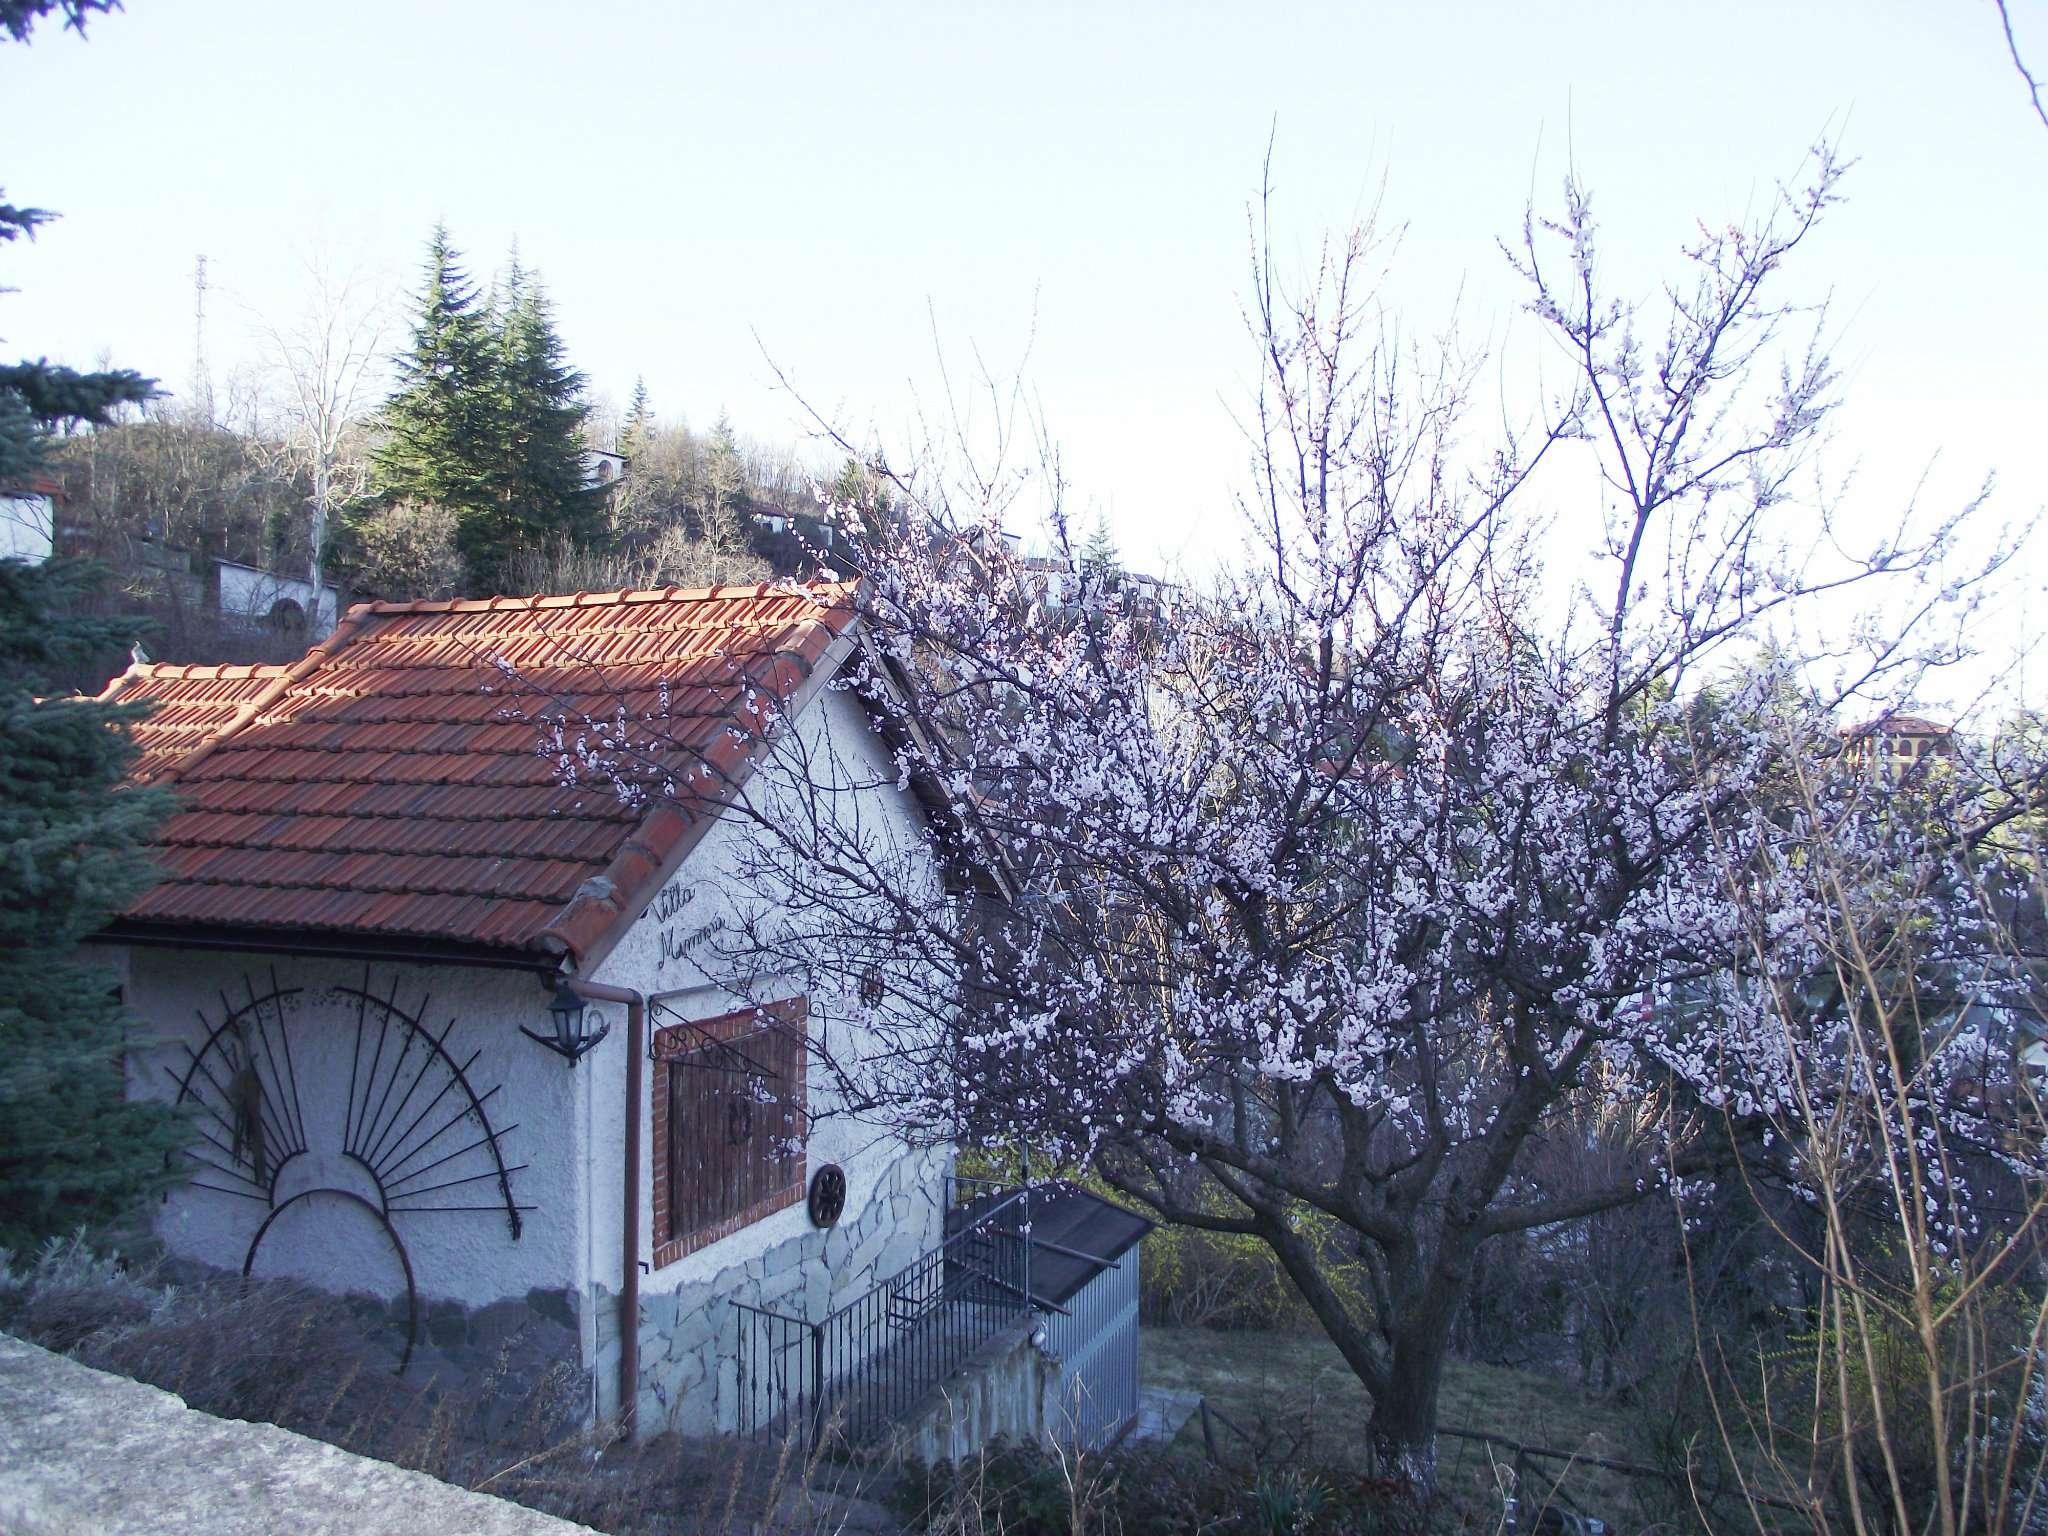 Villa in vendita a Ponzone, 3 locali, prezzo € 55.000 | CambioCasa.it